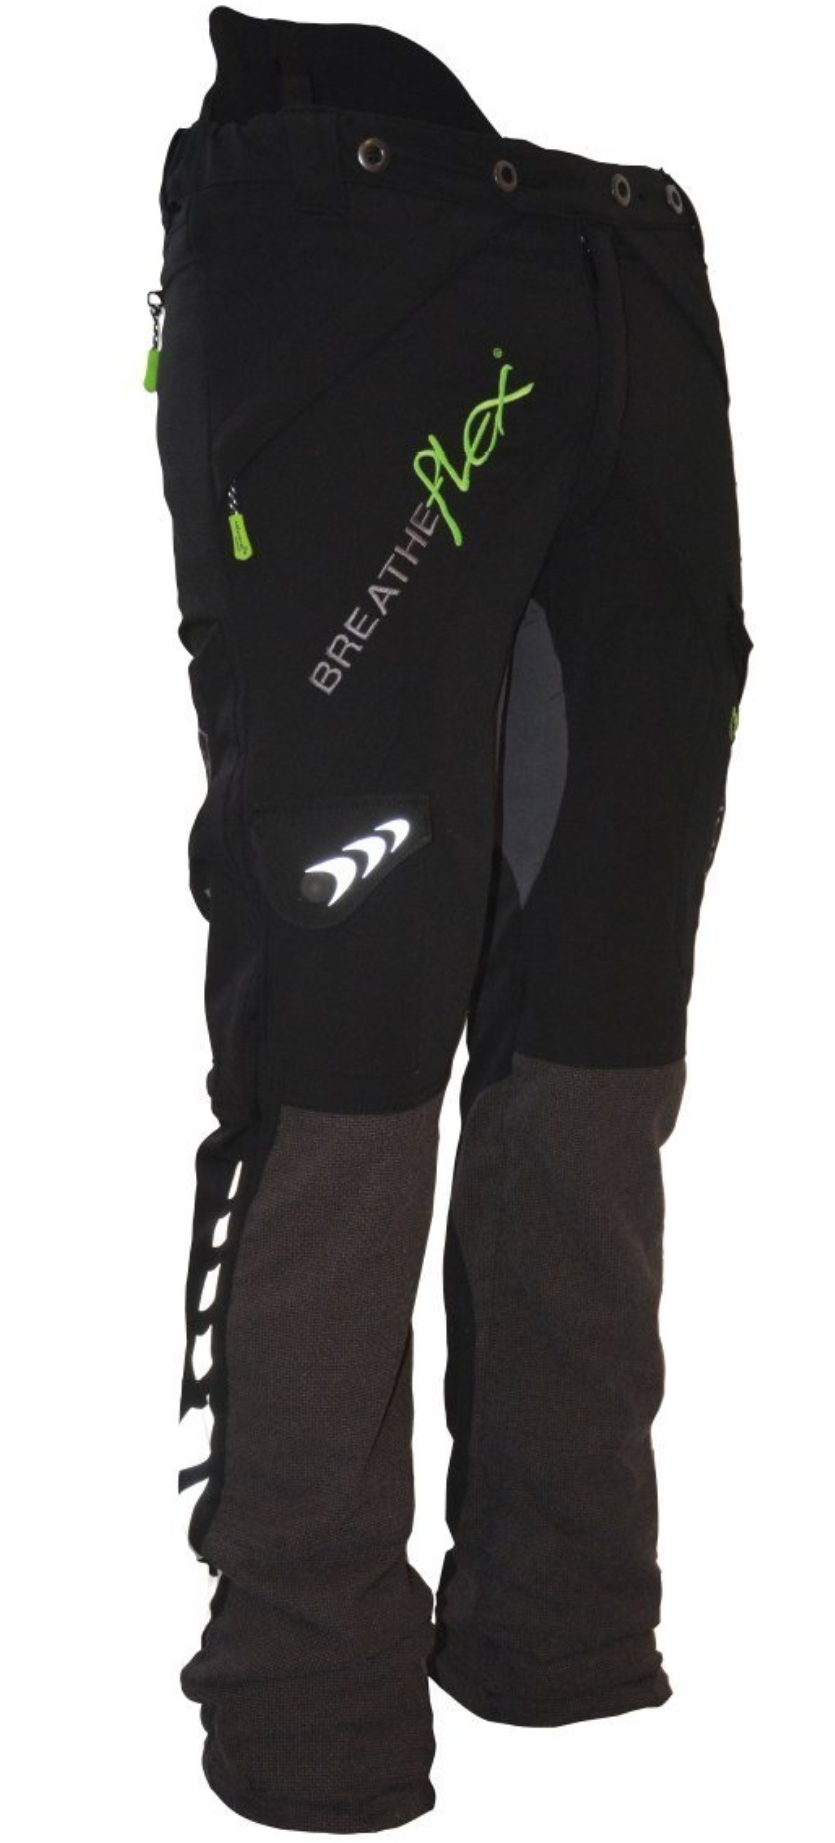 מכנס מוגן חיתוך Arbortec שחור